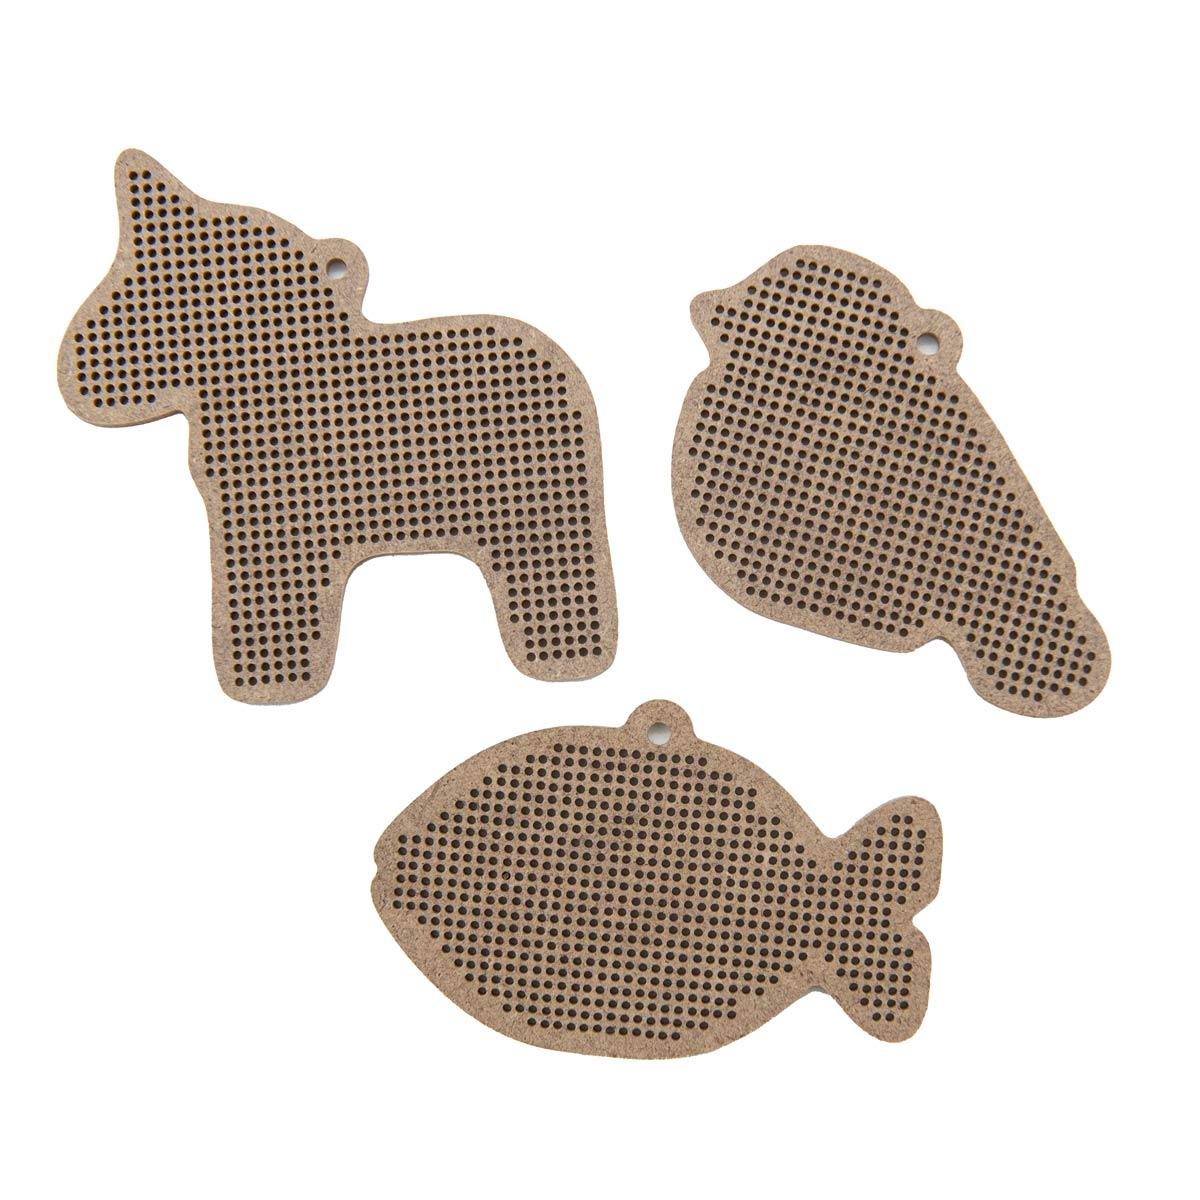 Н282945 Комплект основ для вышивания 'Прянички' (рыбка,